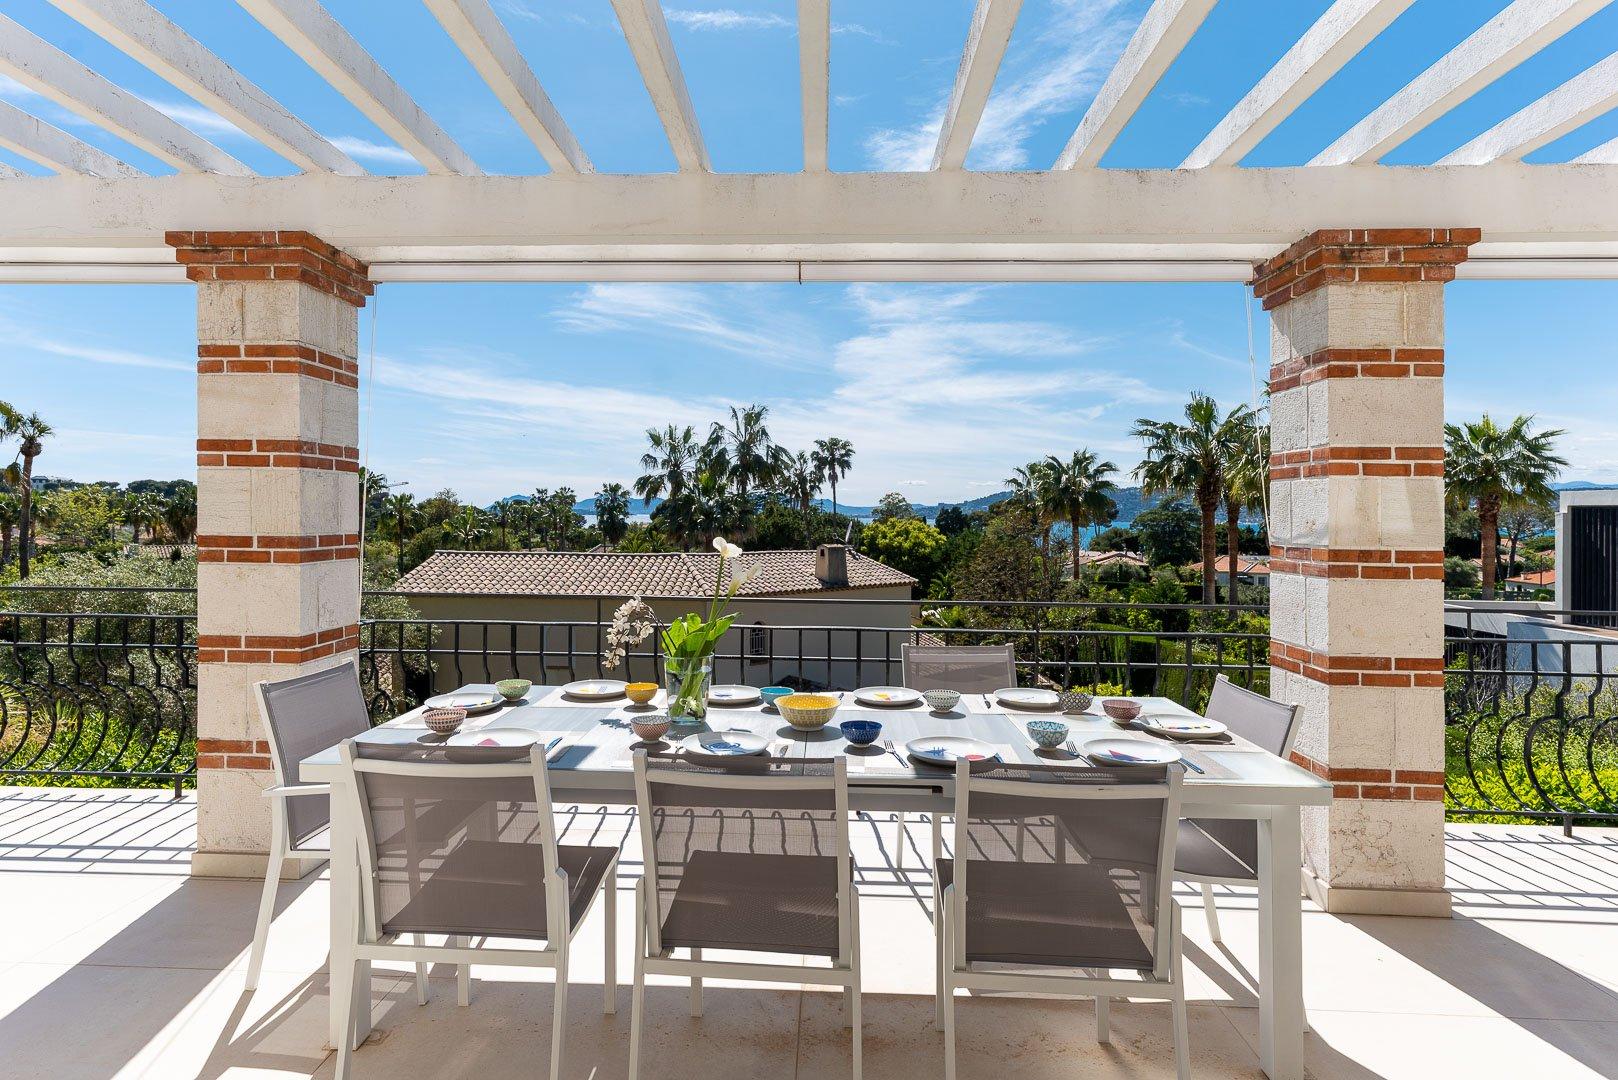 Villa dans domaine fermé - Versant ouest Cap d'Antibes